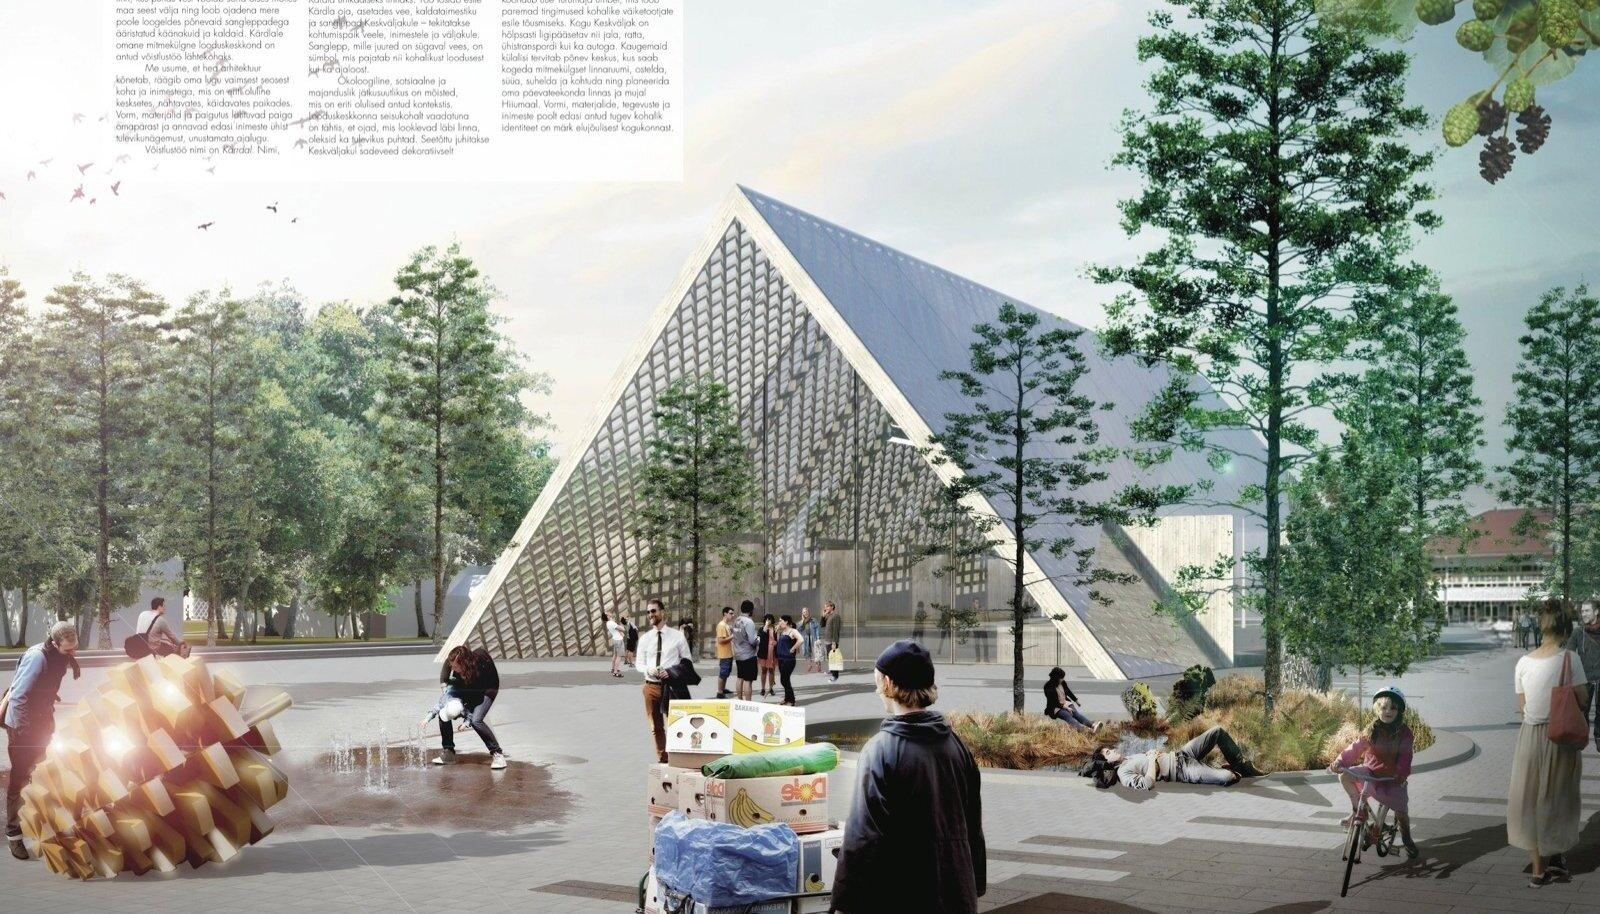 """Kärdla võidutöö """"Kärrdal"""", maastikuarhitektuuribüroo Mareld ja arhitektuuribüroo Bornstein Lyckefors. Keskväljakule annavad iseloomuliku ilme kolmnurkne turuhoone, lepapuud, veesilm ja hiiglaslik lepakäbi."""